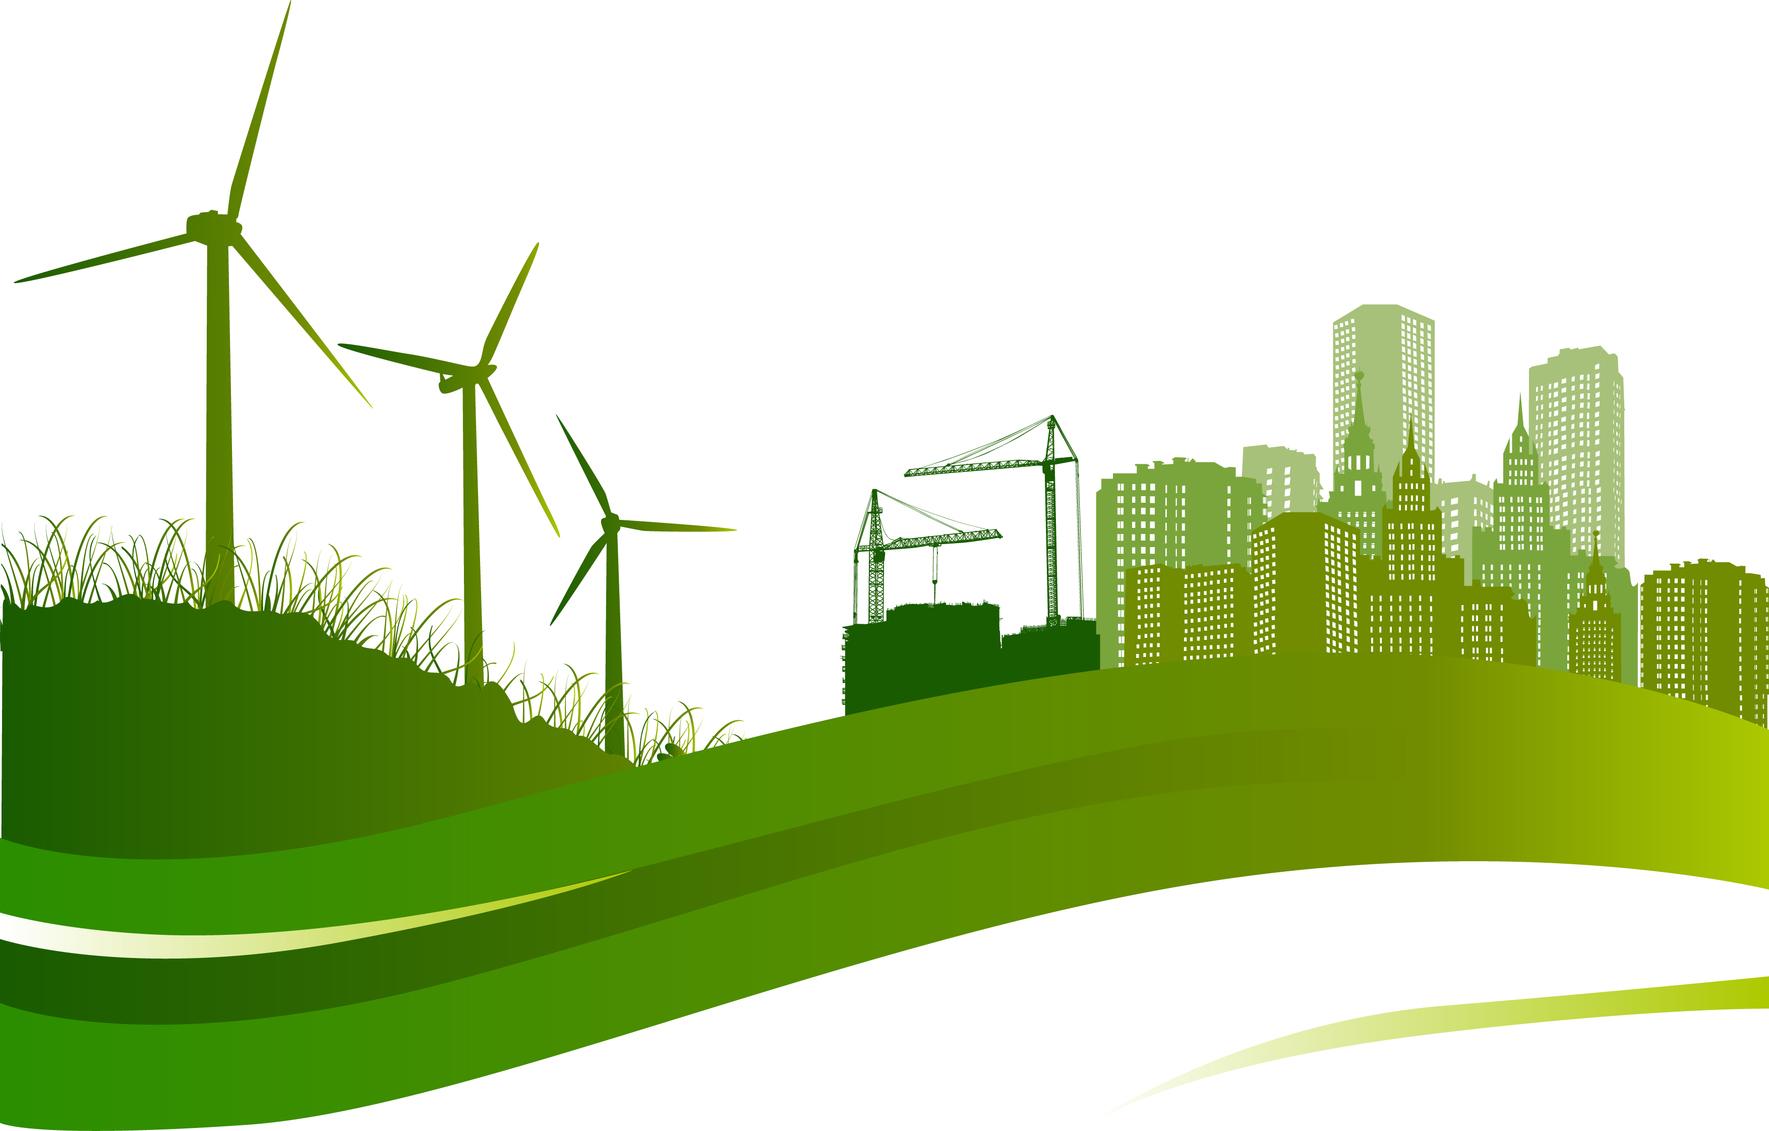 Binalarda Çevreyle Dost Yeşil Sertifika Dönemi